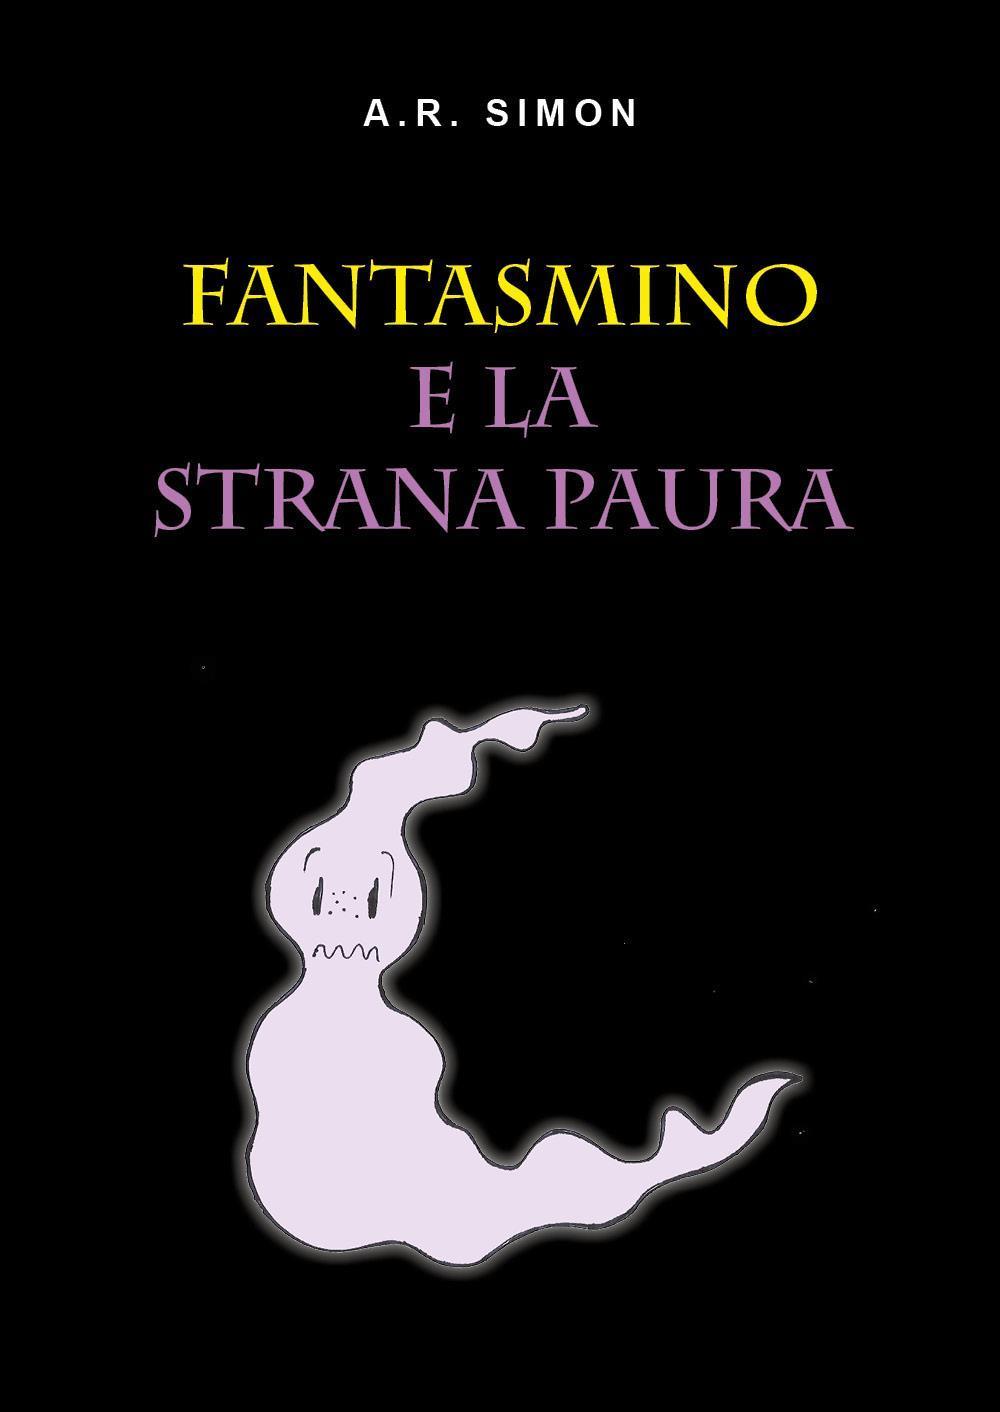 Fantasmino e la strana paura